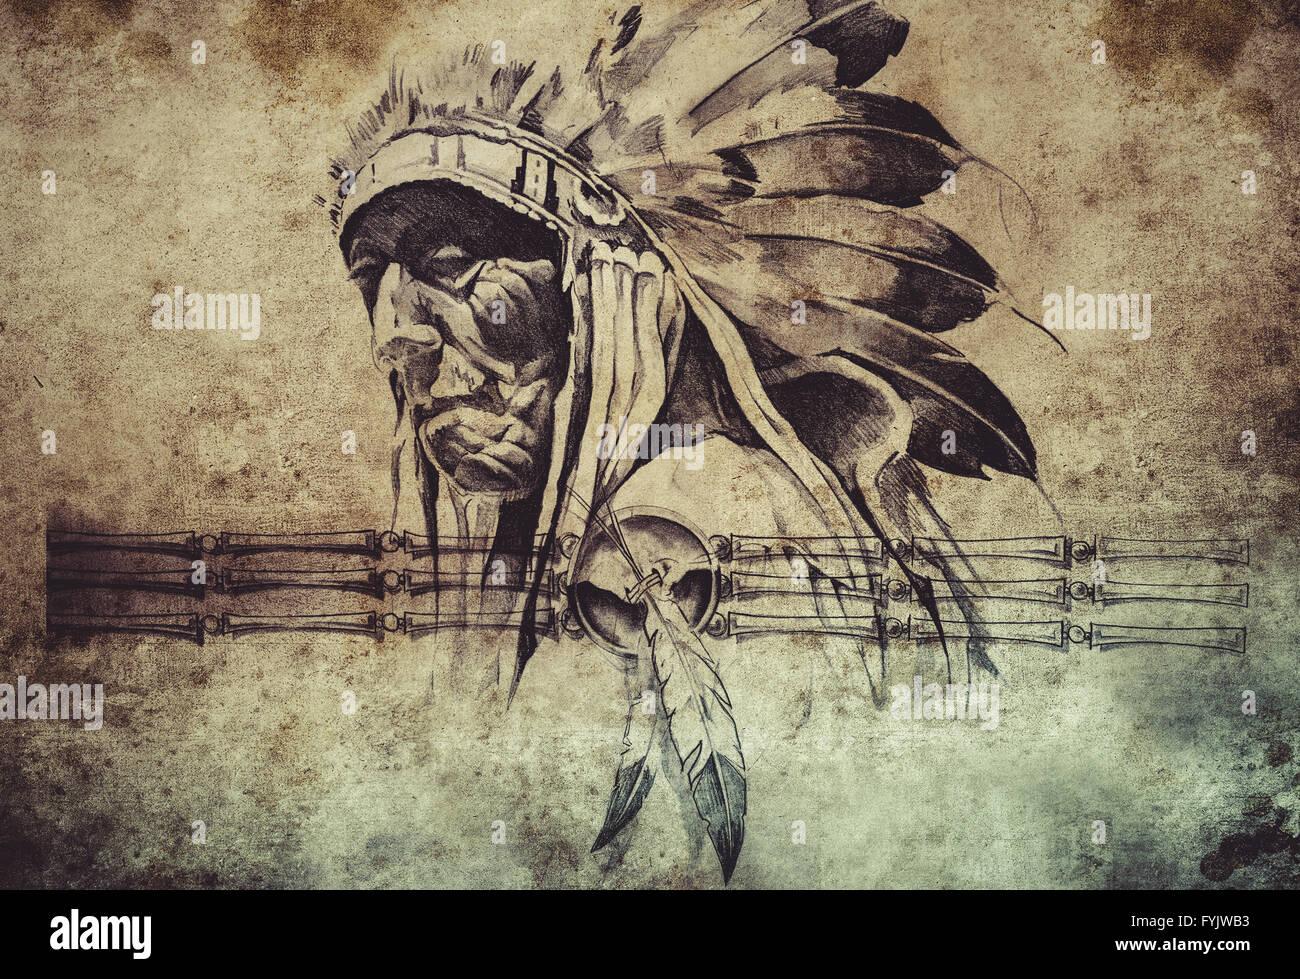 Croquis De Tatouage Tribal Indien Americain Chef Warriors Banque D